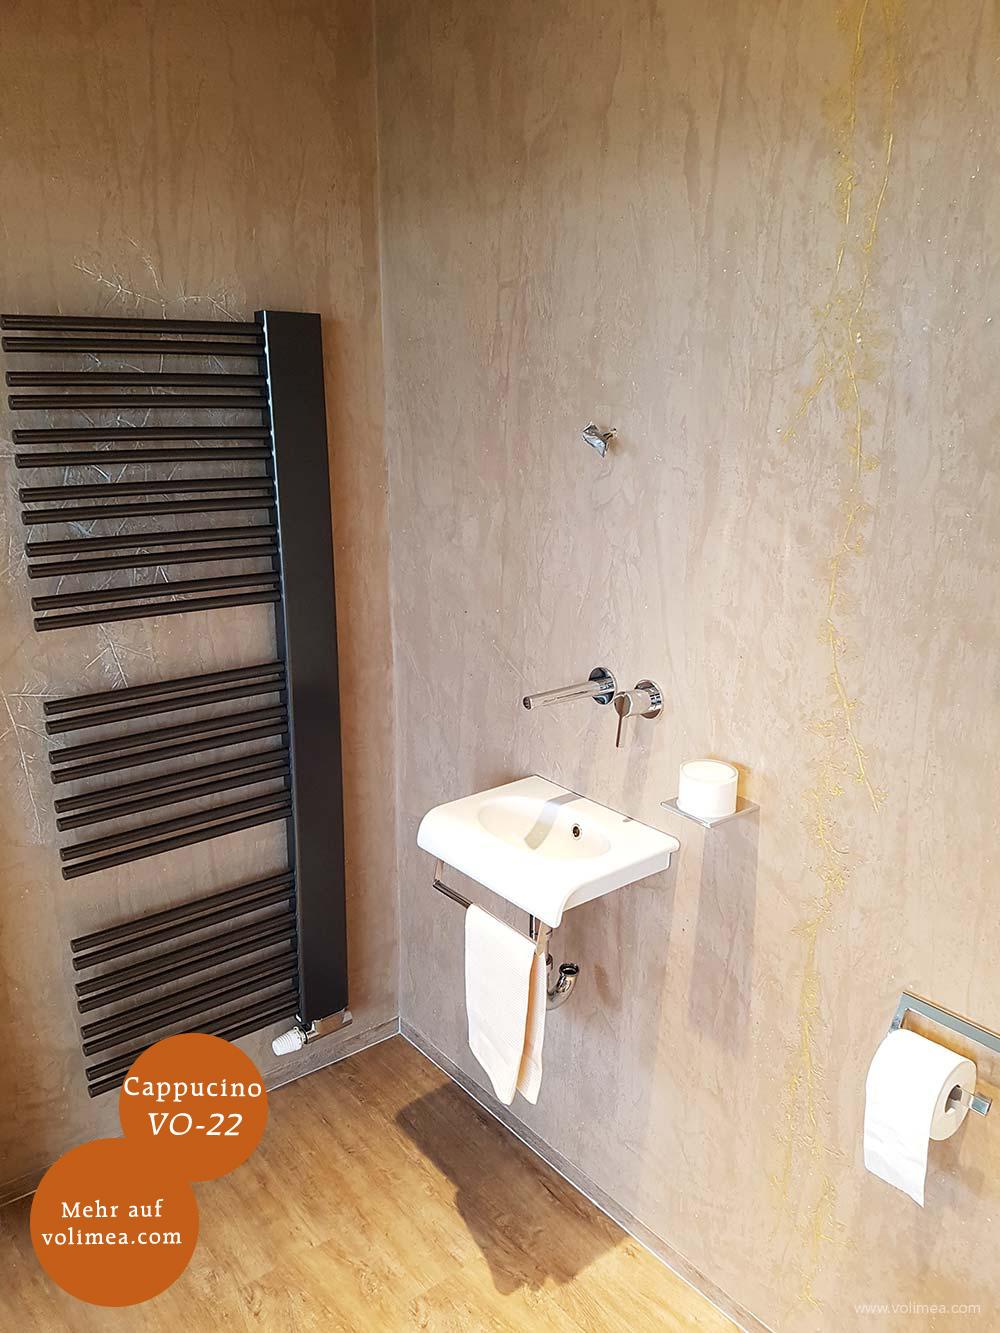 Mikrozement fugenlose Volimea Wandbeschichtung Sauna - Cappucino VO-22 mit Goldlasur und Prägetechnik